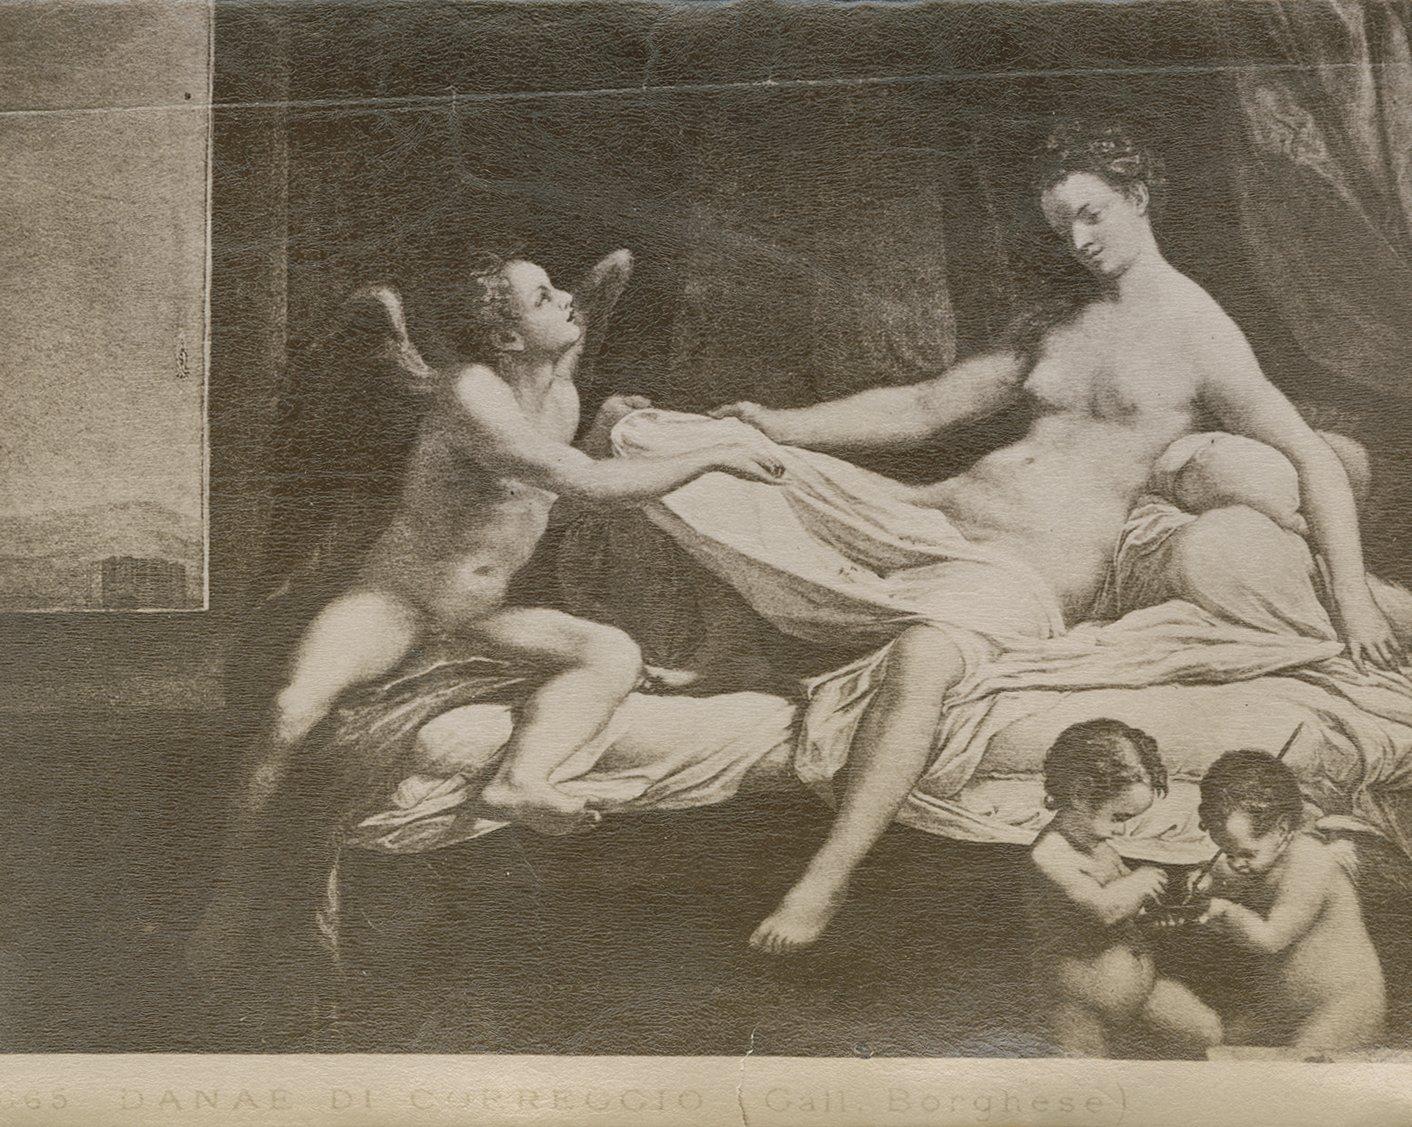 Danaë, by Correggio